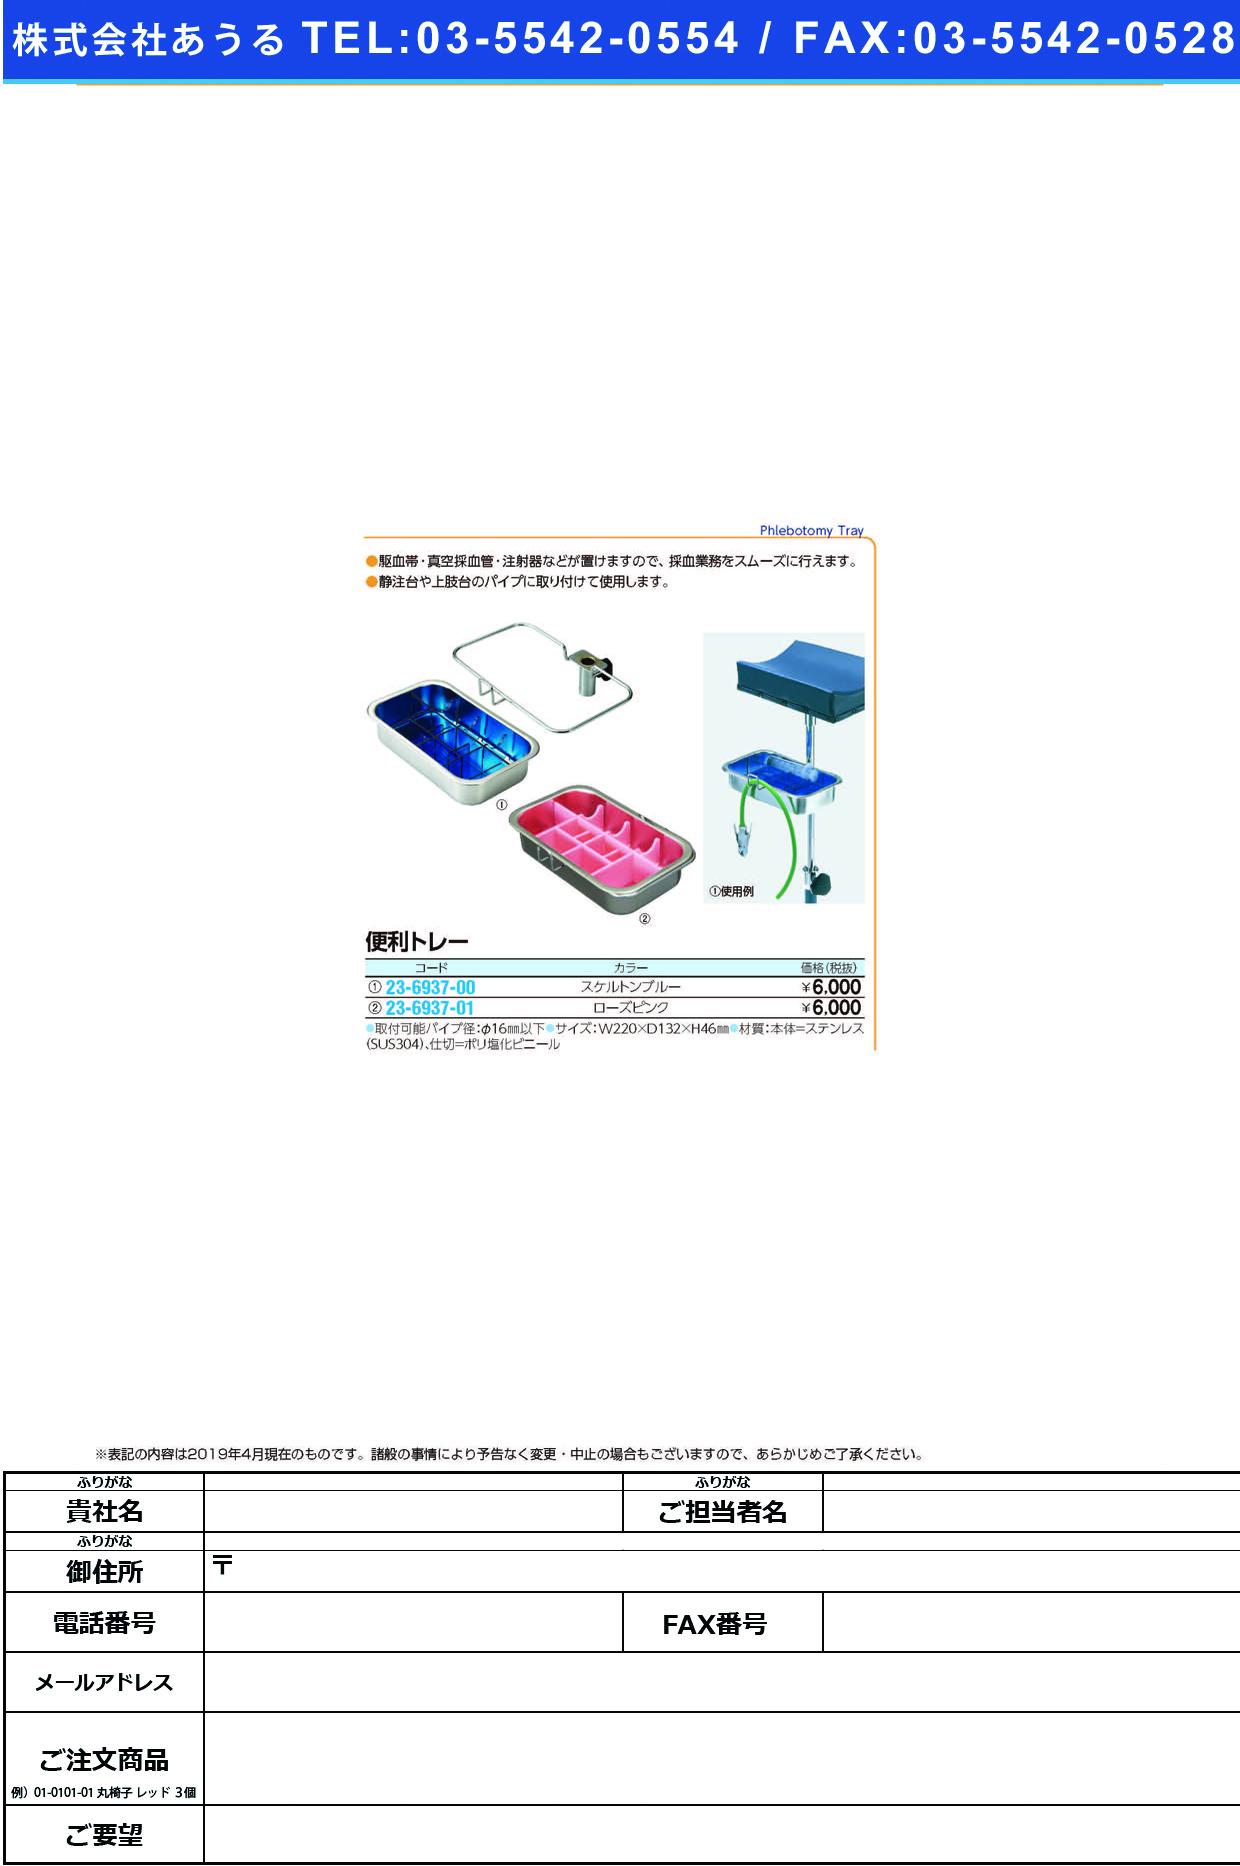 (23-6937-00)便利トレー スケルトンブルー ベンリトレー【1個単位】【2019年カタログ商品】